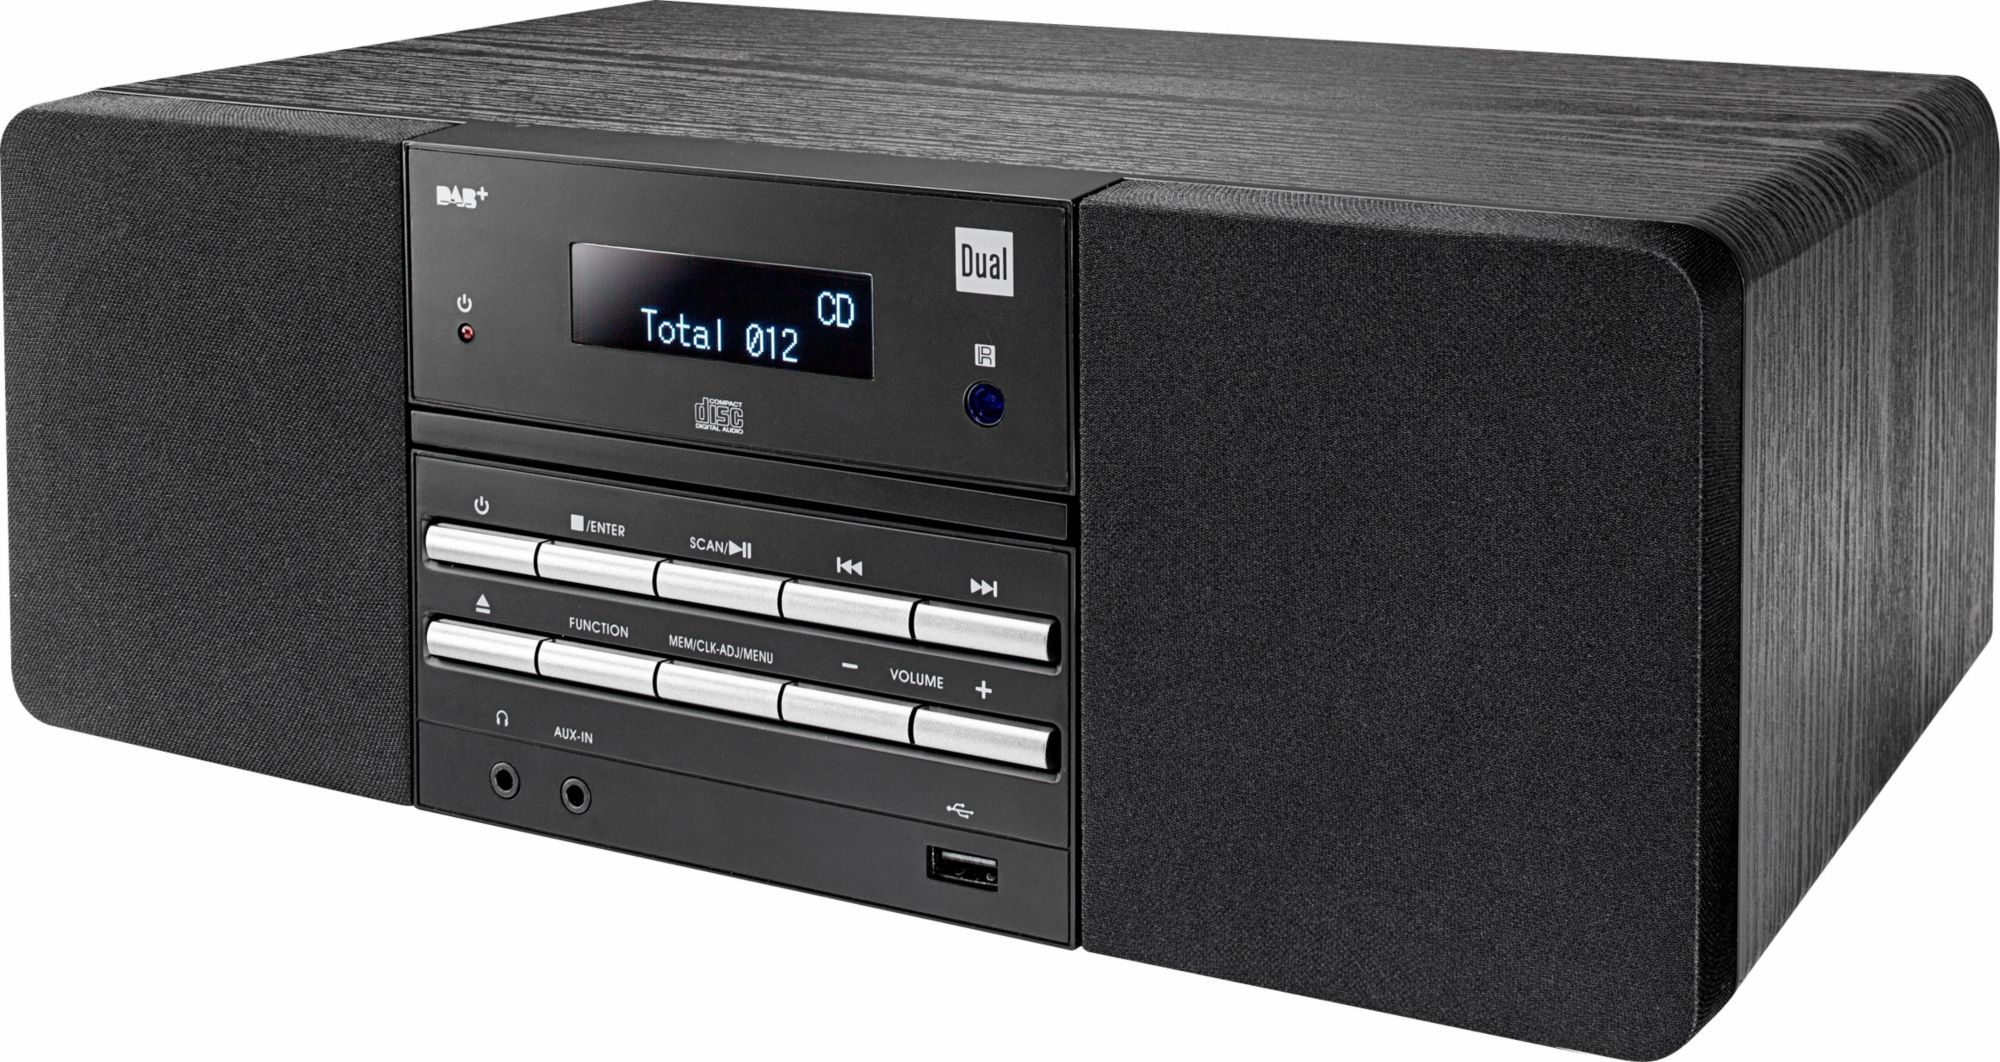 DUAL Dual DAB 400 Microanlage, Digitalradio (DAB+), RDS, 1x USB